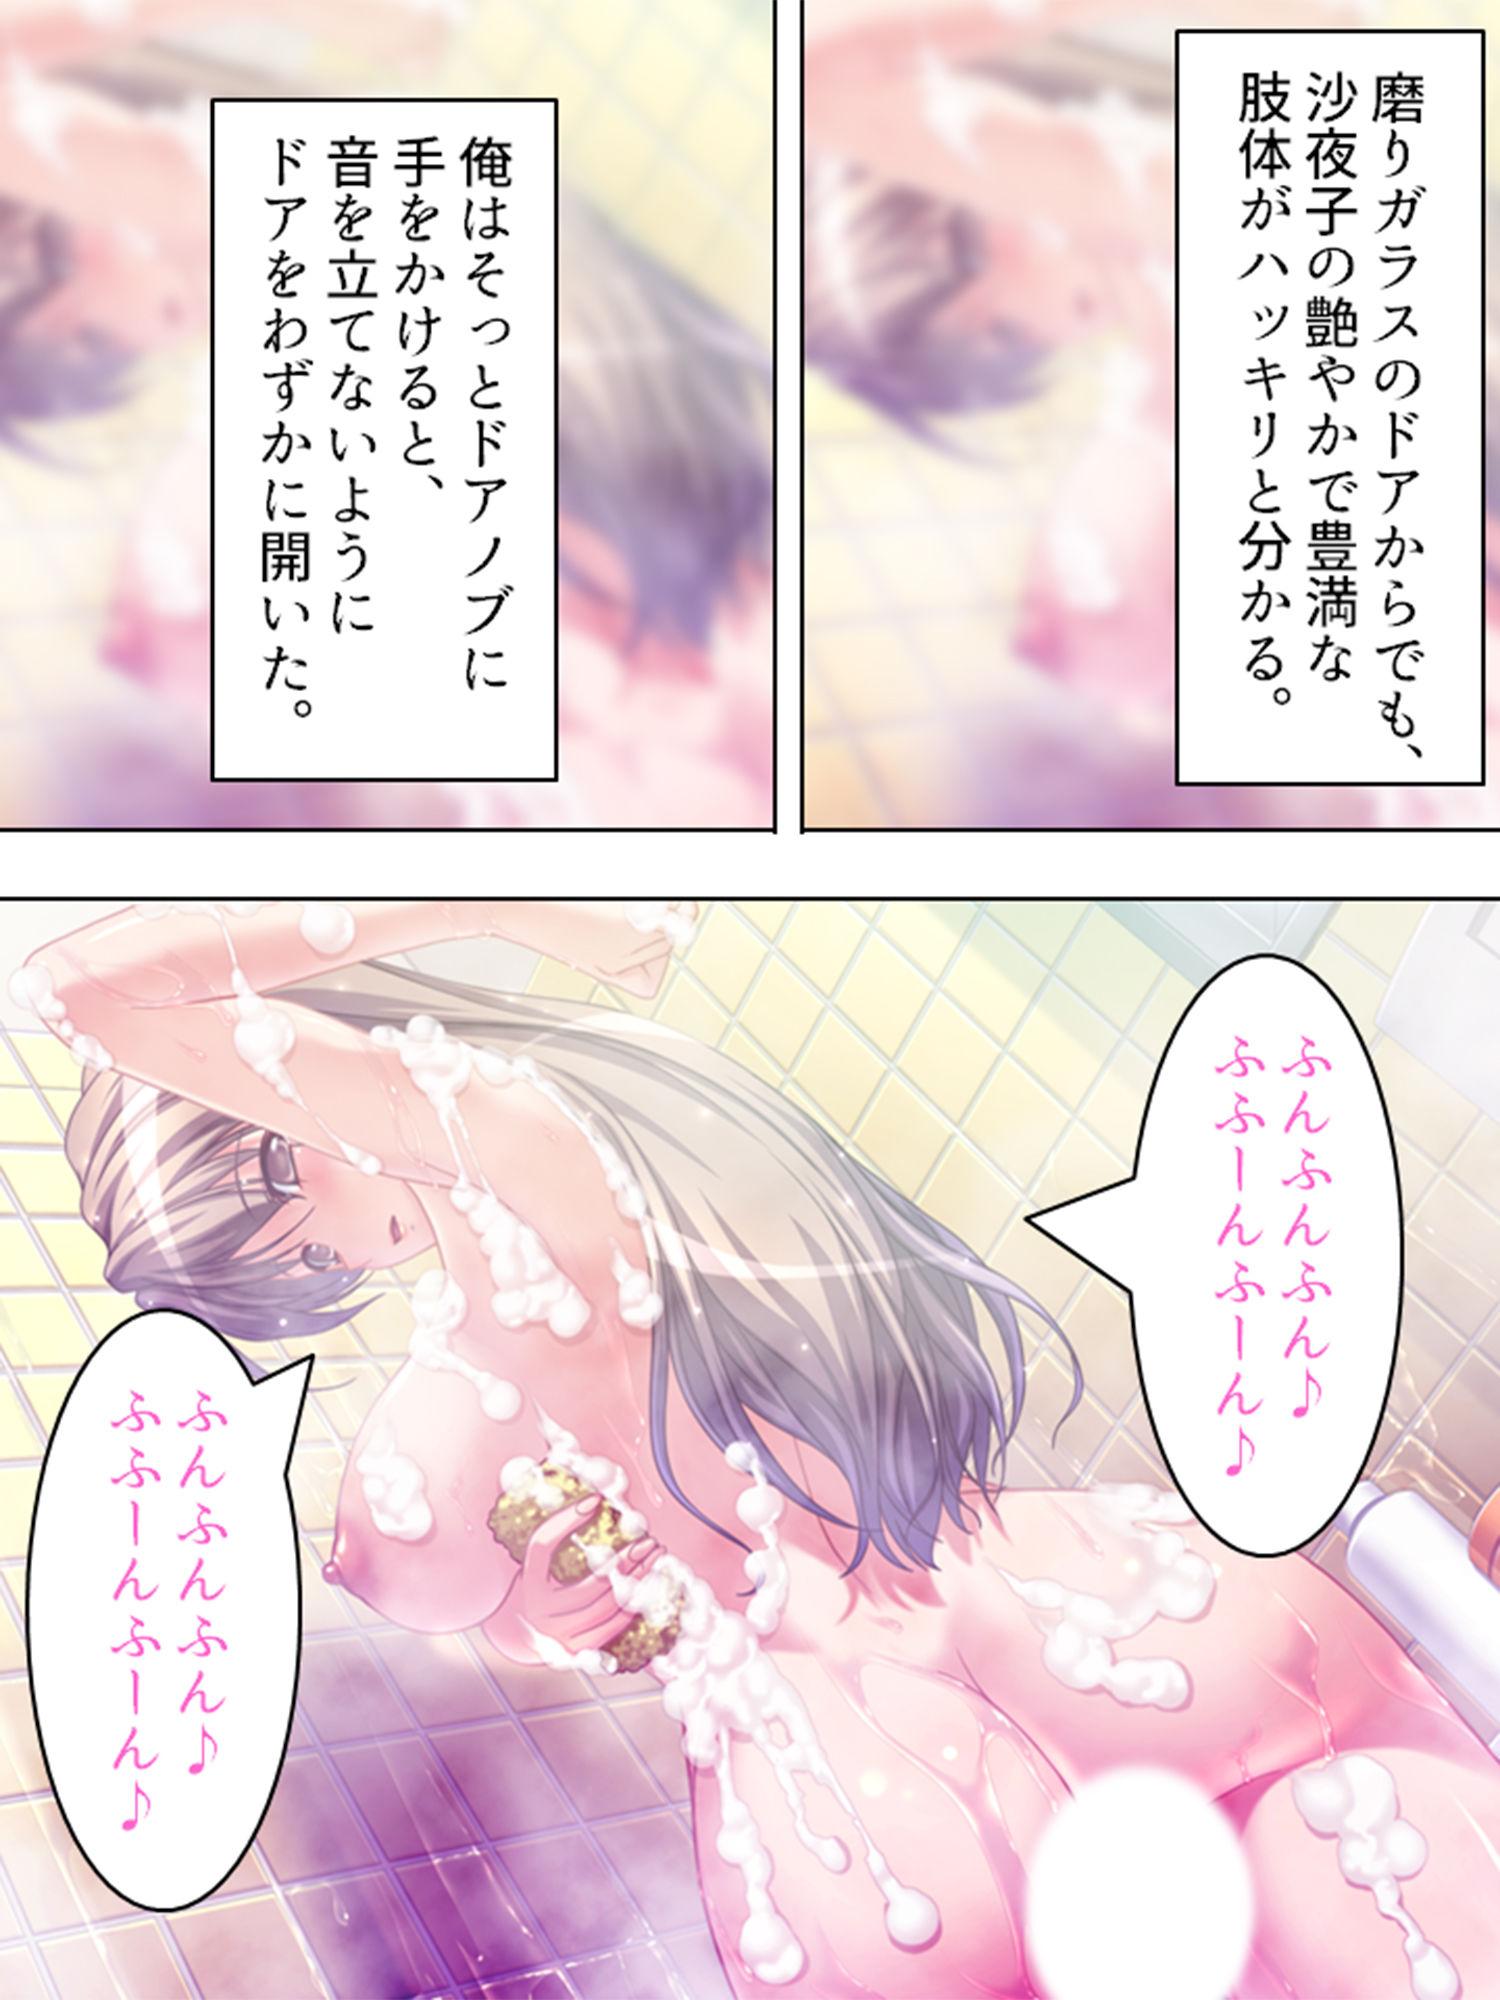 インチキ霊媒師のスピリチュアル淫行 料亭の女将編